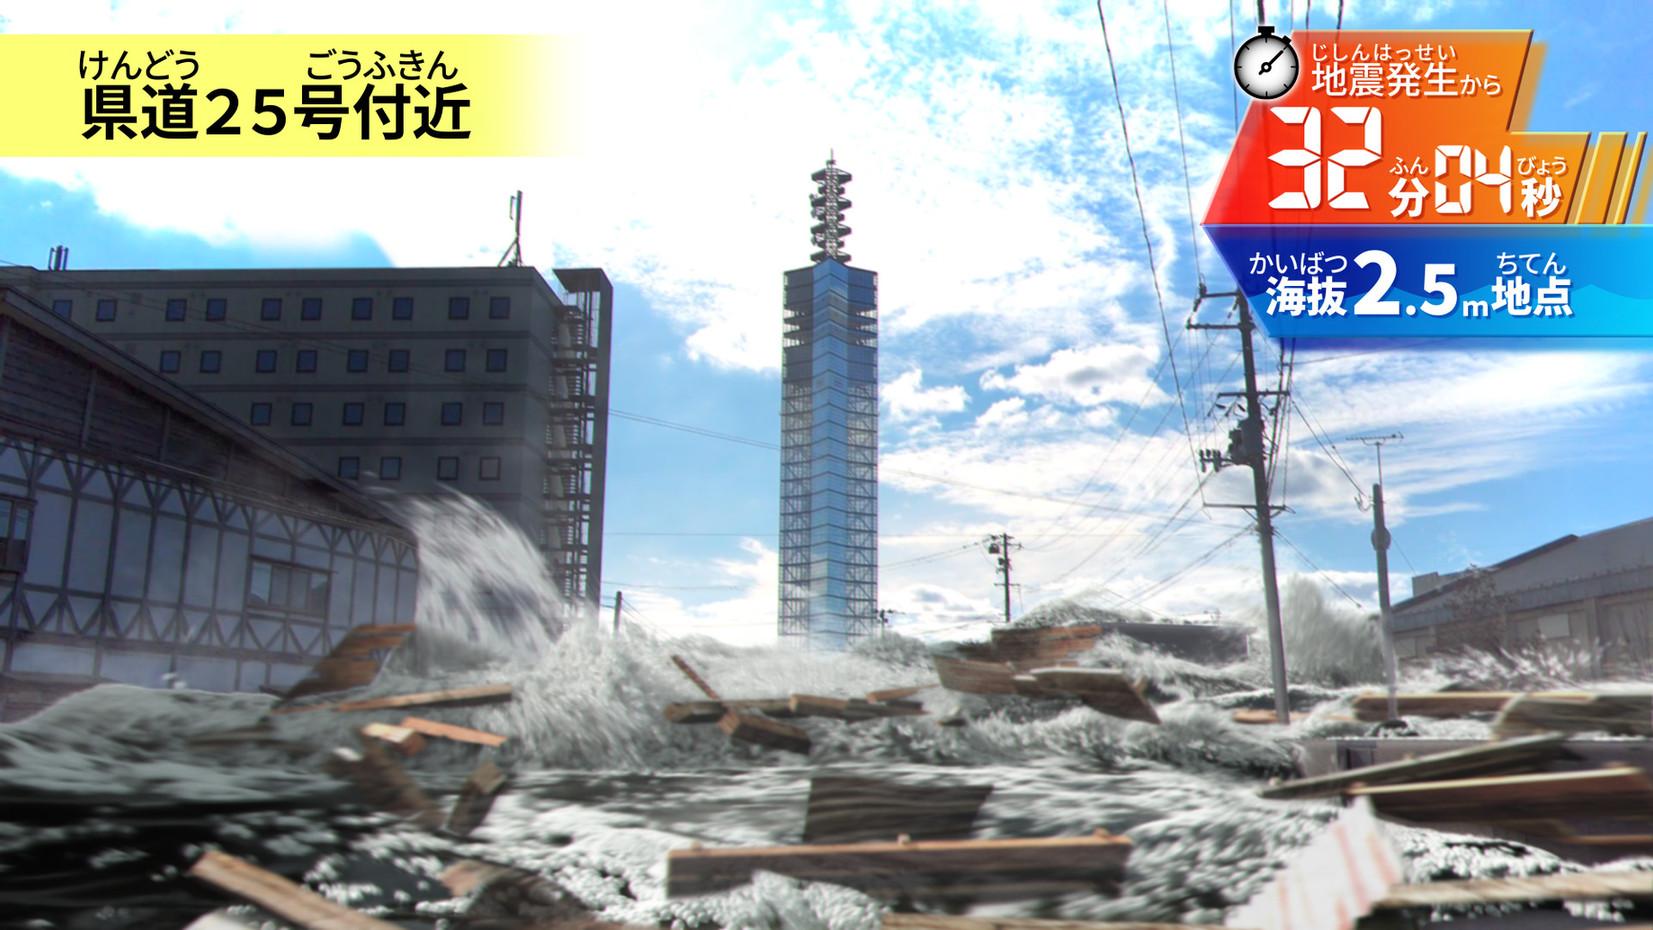 秋田市津波シミュレーションCG映像